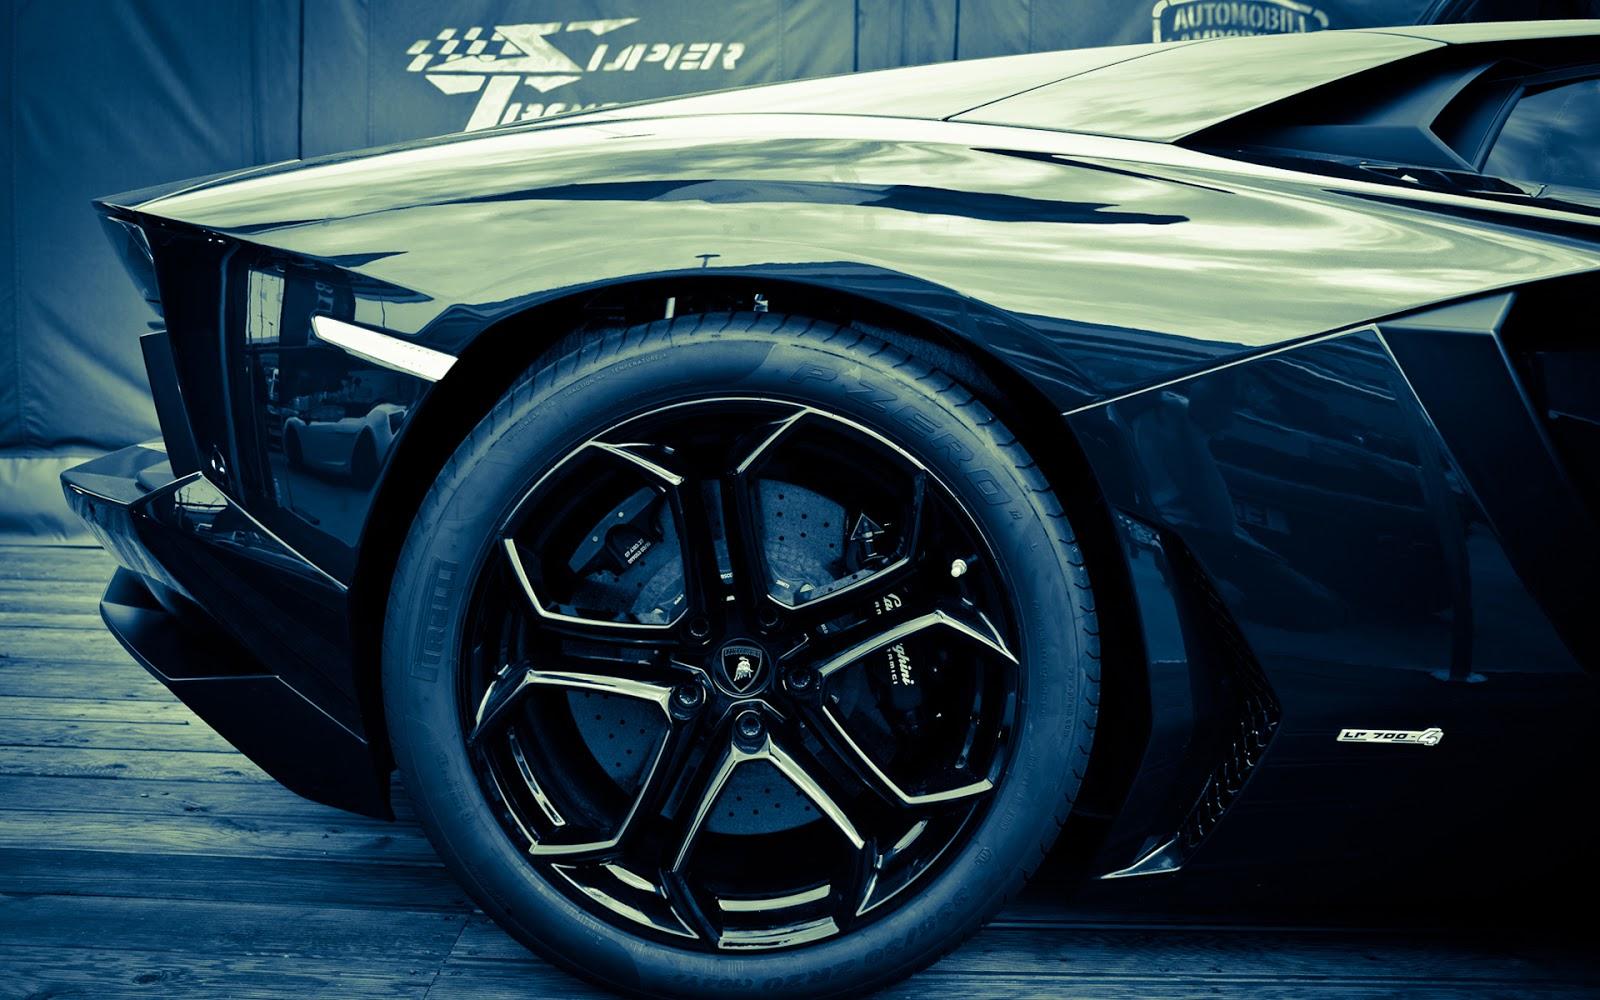 Get Free Wallpaper : Lamborghini Aventador Wallpapers HD